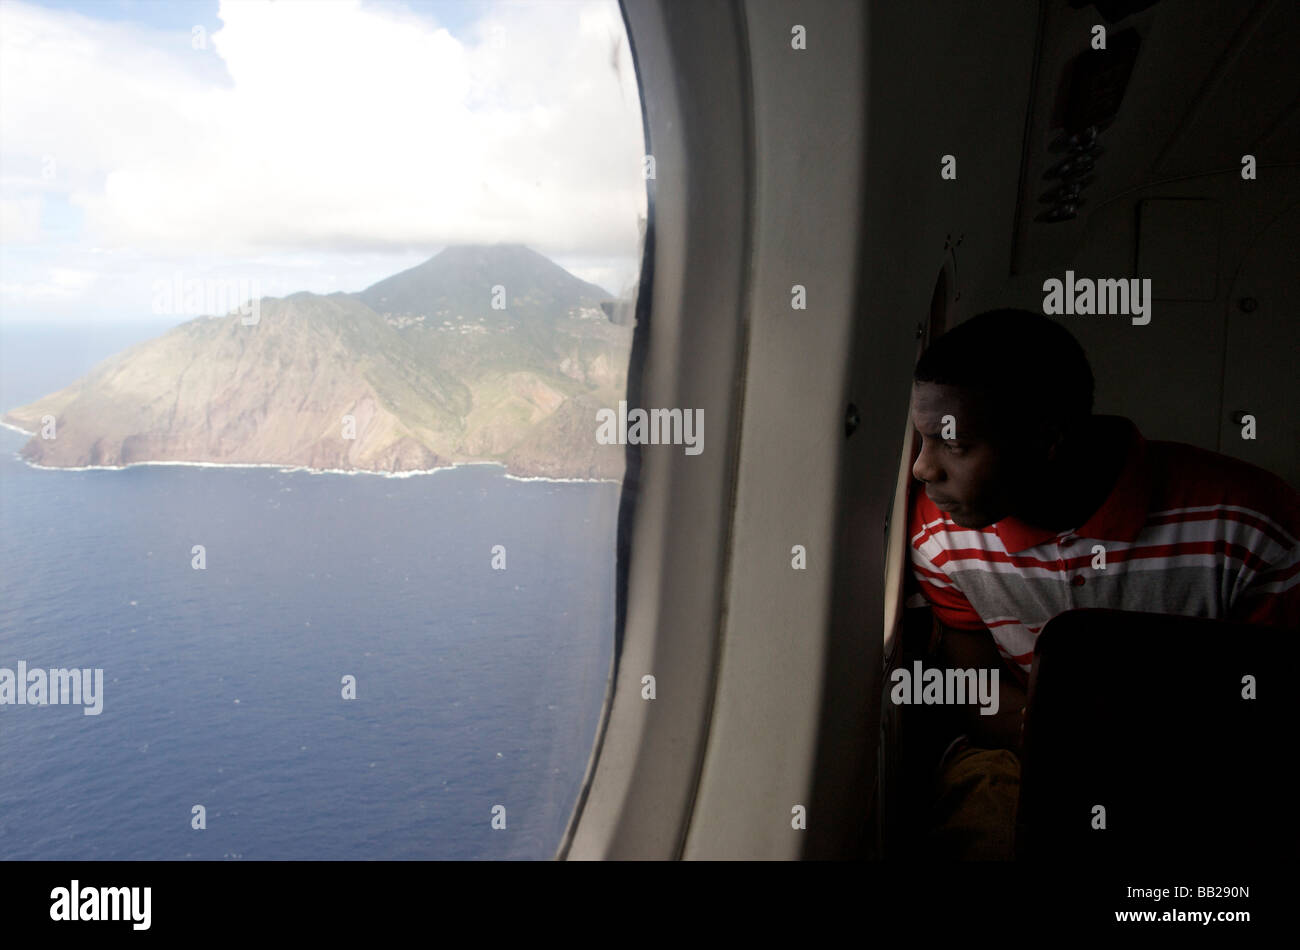 Aerial Antillen Antillen Bovenwinden Bovenwindse Karibik niederländische Eiland Eilanden erhöhten anzeigen Stockbild